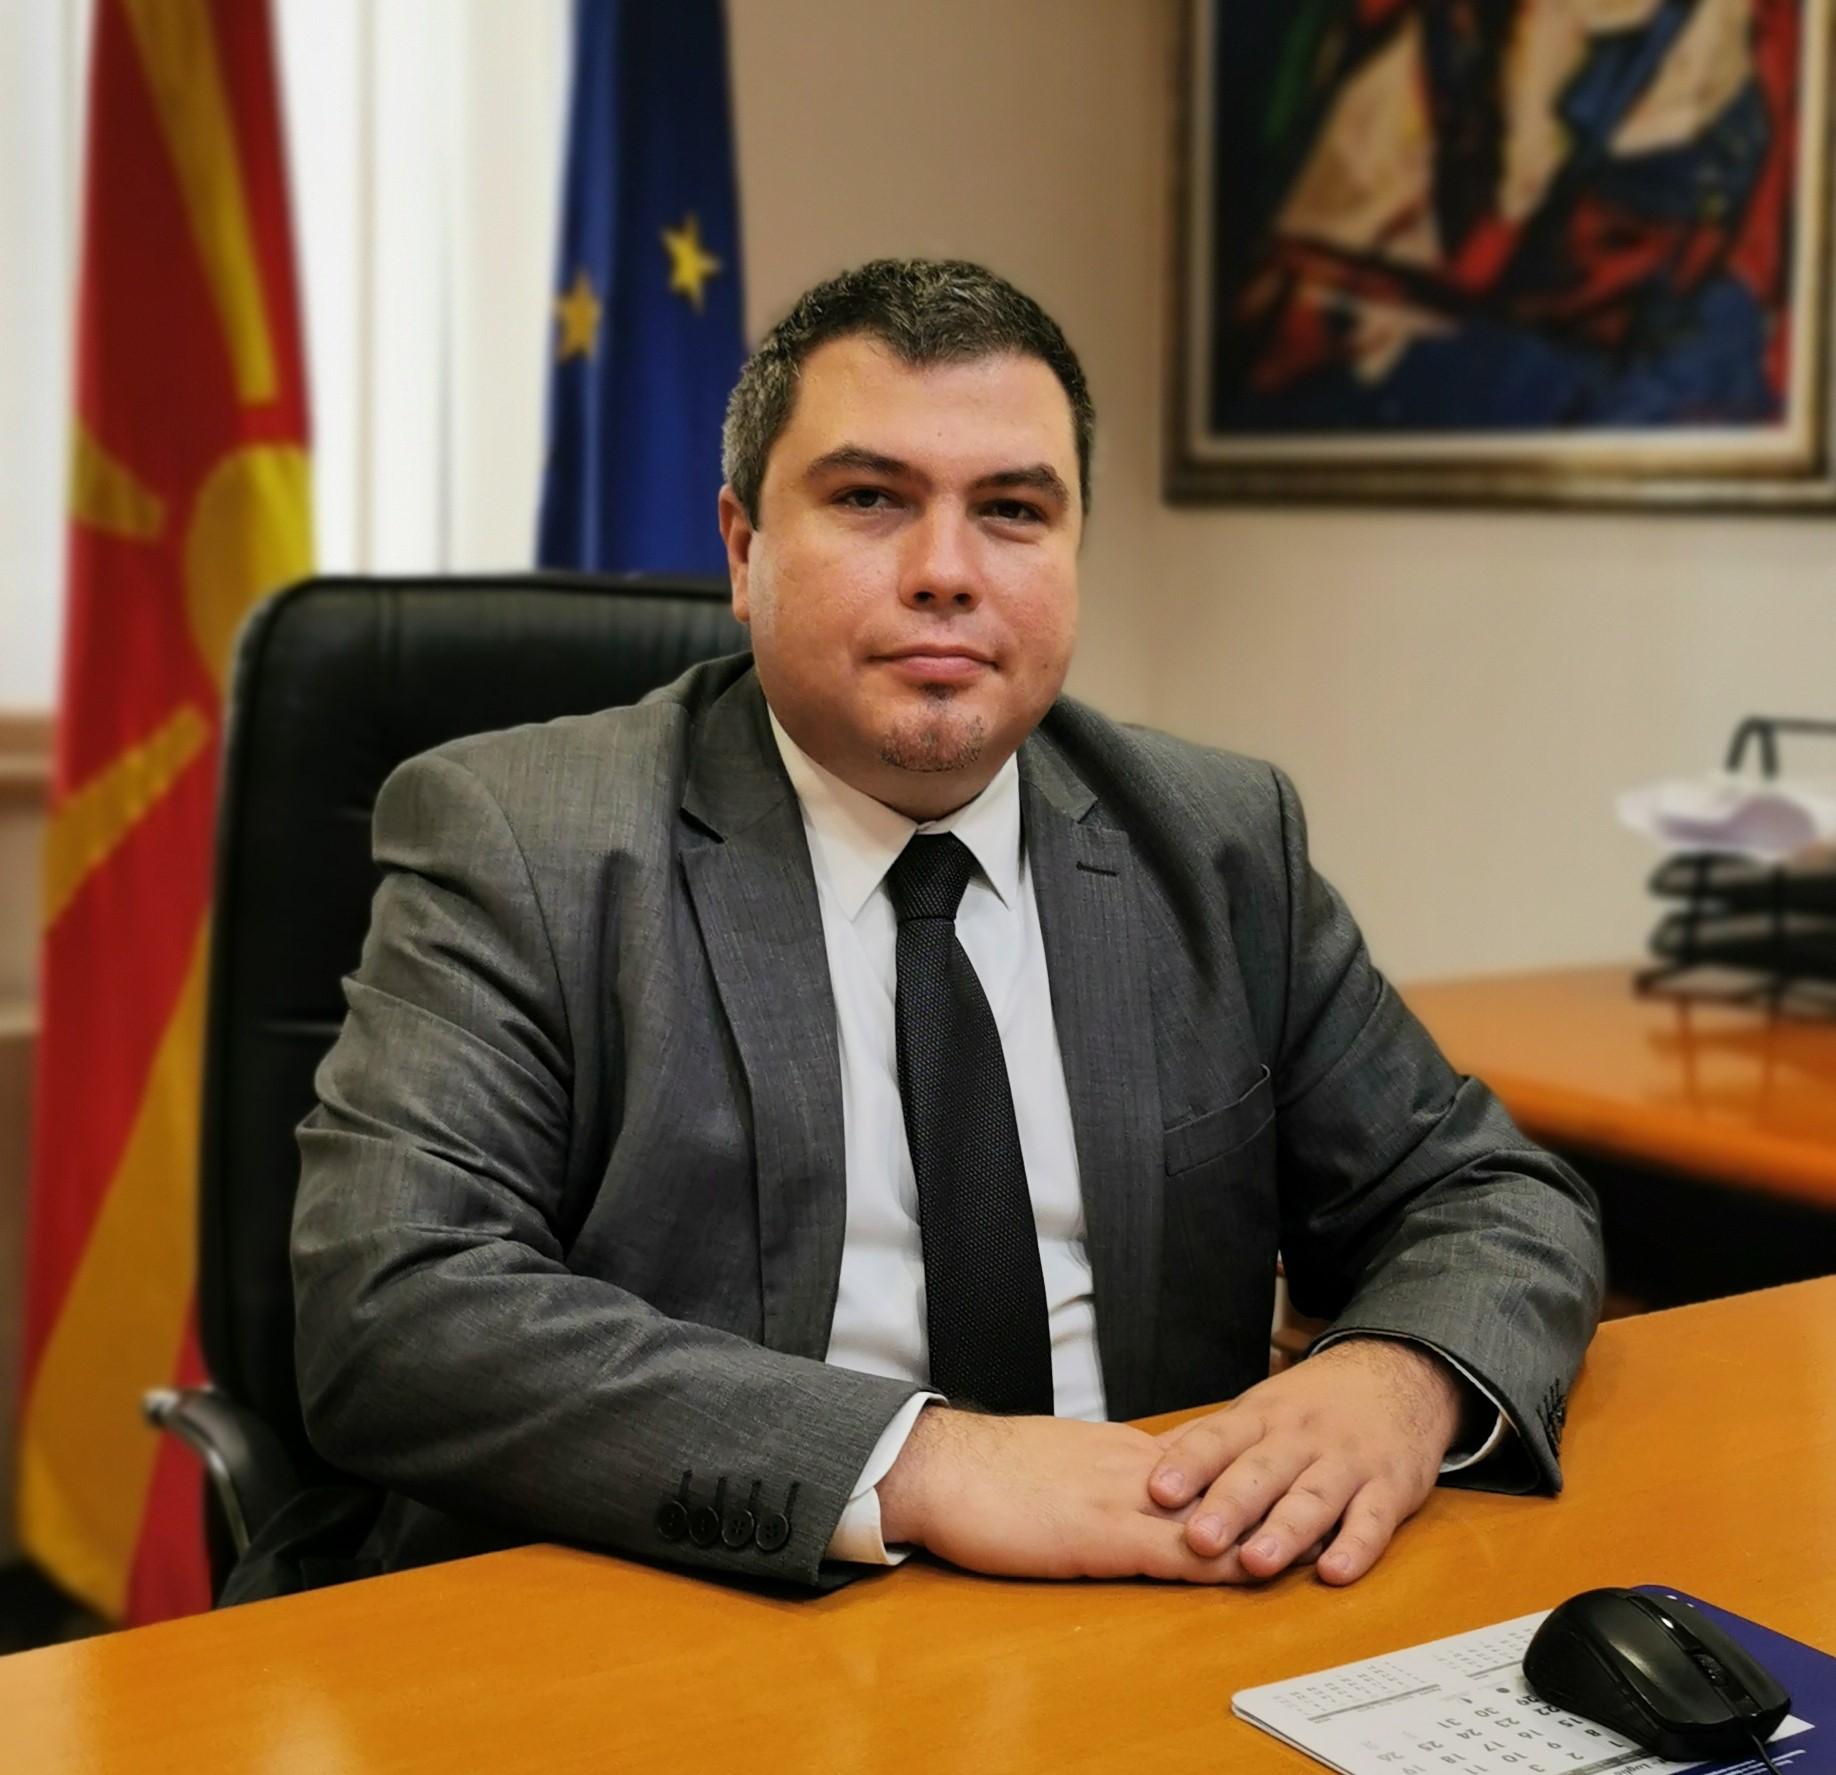 Маричиќ: Градиме функционален систем за борба против корупцијата кој ги опфаќа сите државни институции